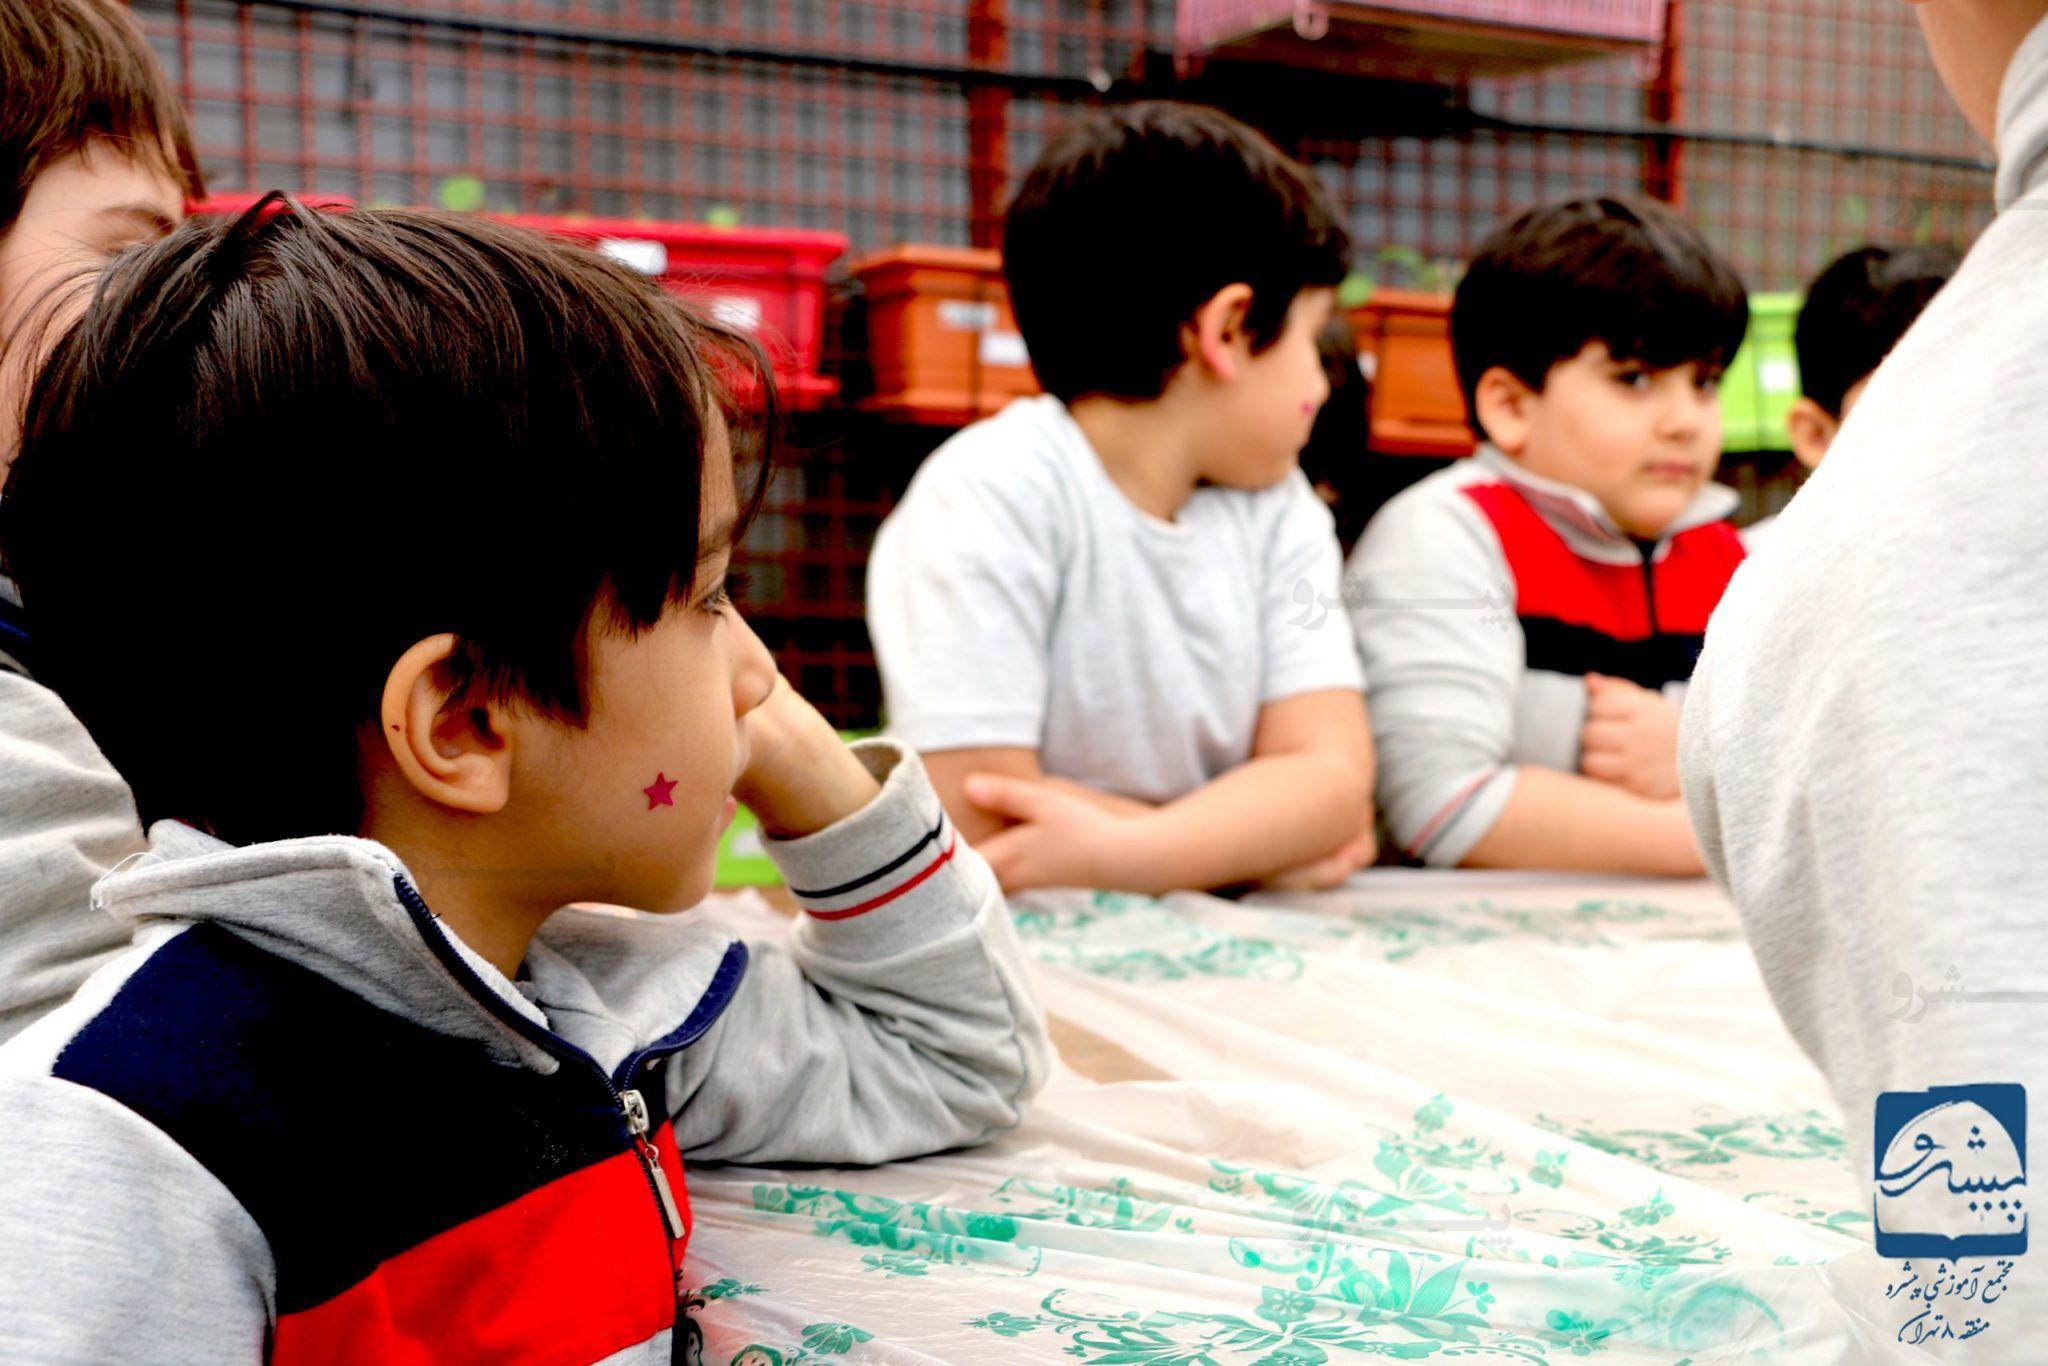 مزایای نداشتن تکلیف برای دانش آموزان